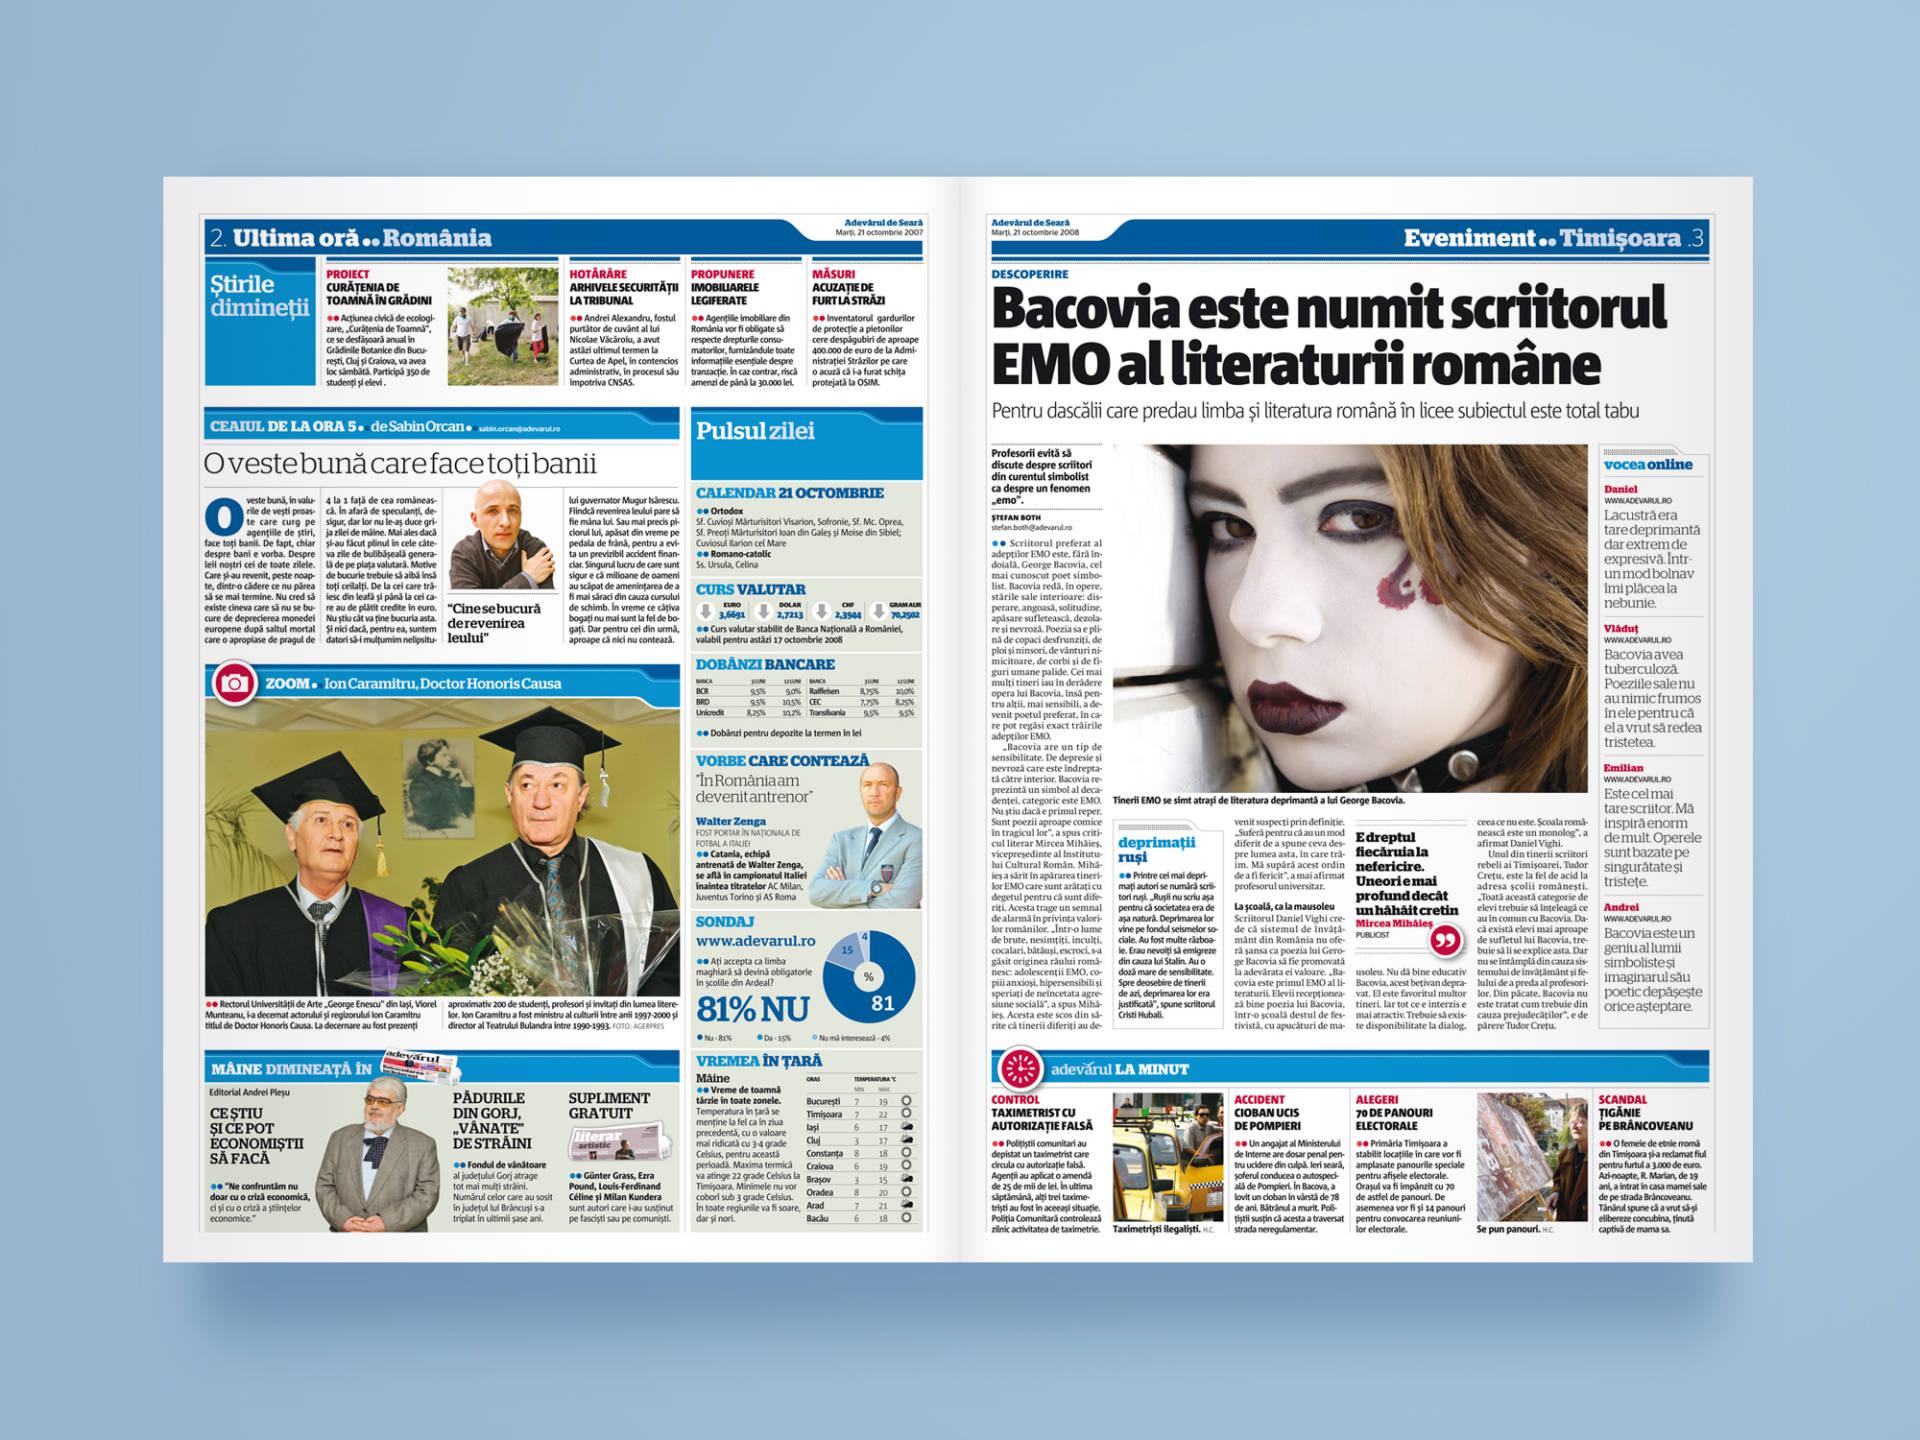 Adevarul_de_Seara_02_Wenceslau_News_Design